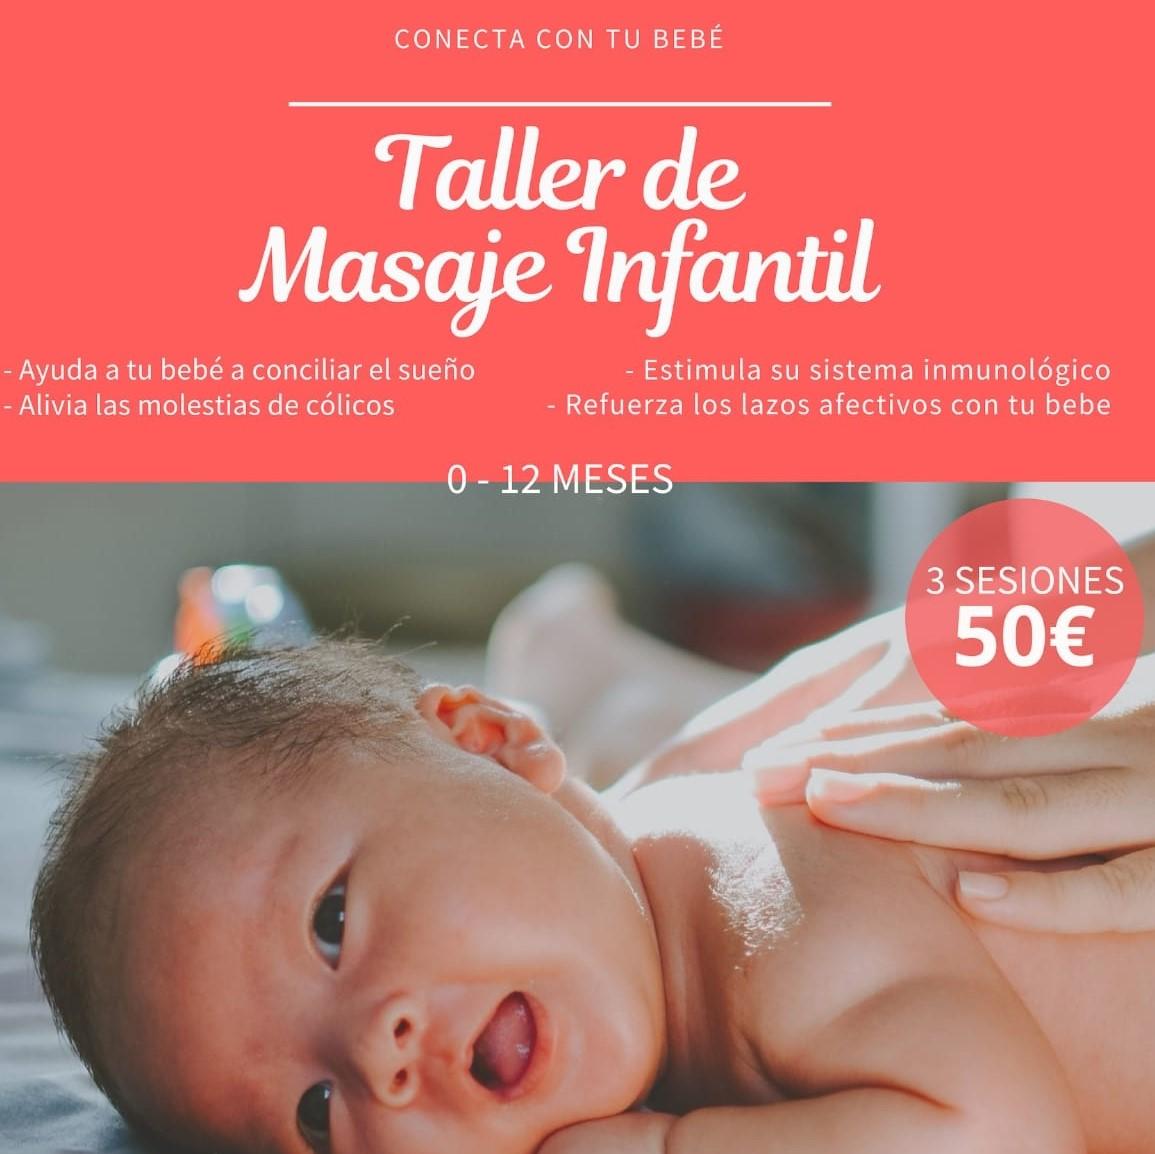 MASAJE INFANTIL: EL GRAN PODER DE LAS CARICIAS